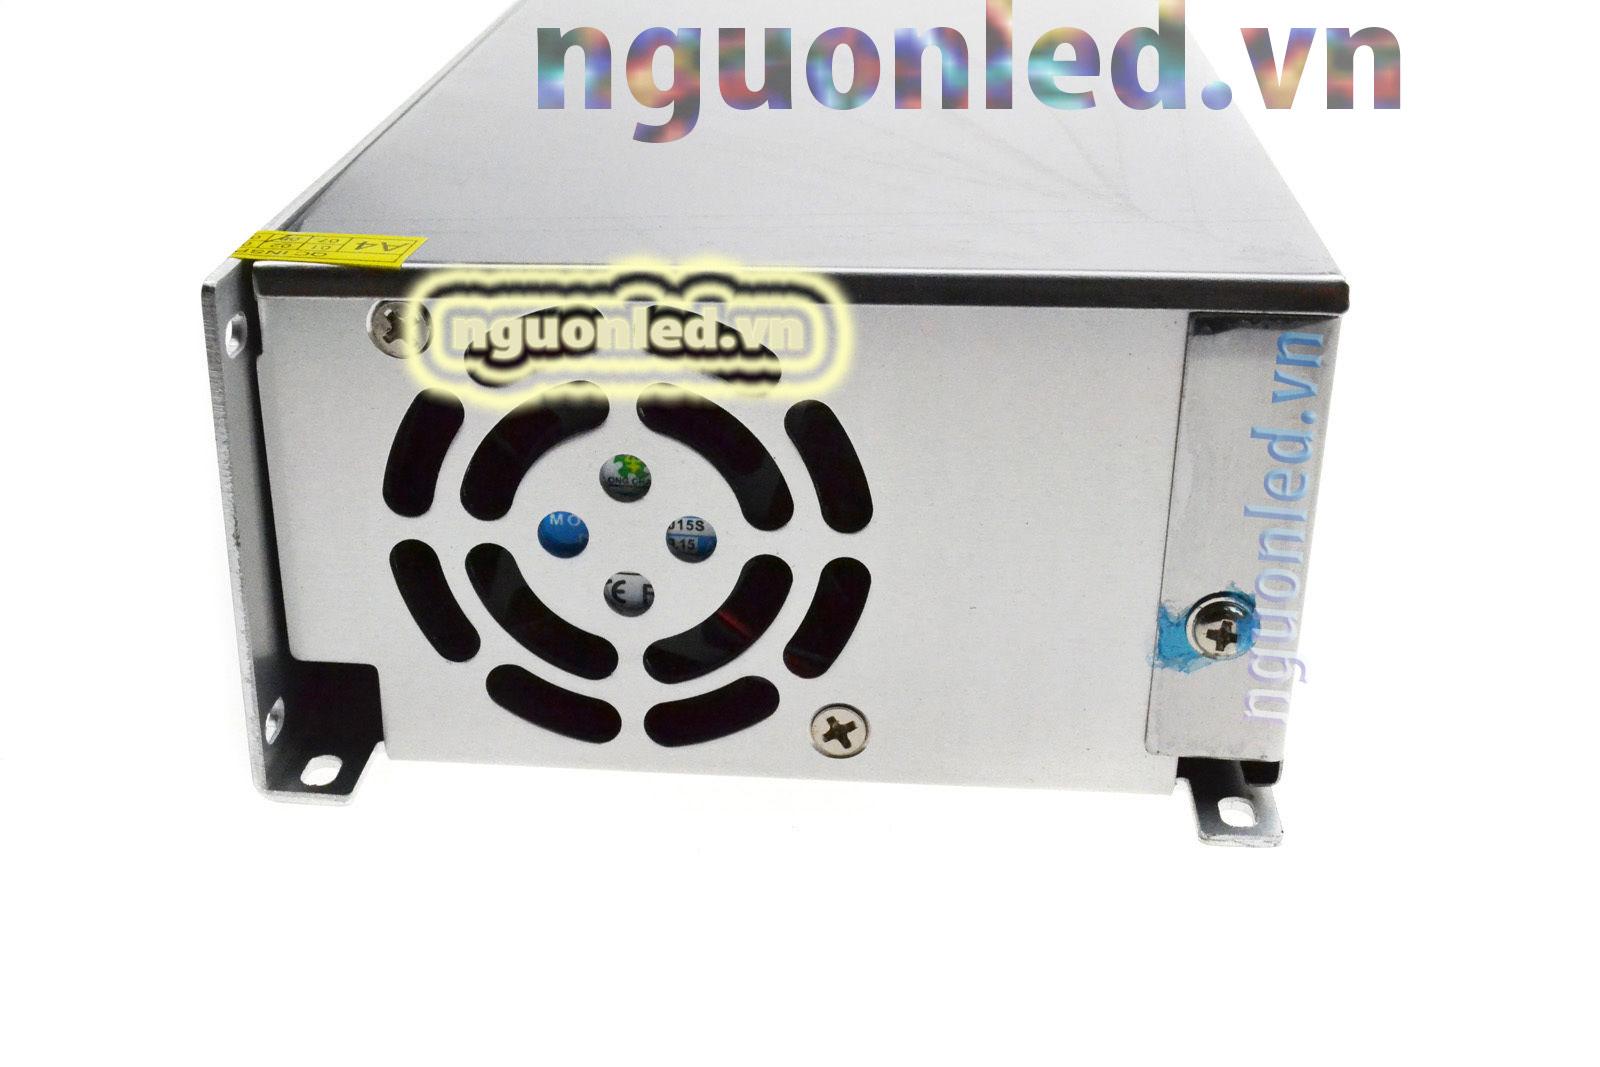 Nguồn tổng 12V 40A loại tốt, đủ ampe, giá rẻ, chất lượng, có quạt, dùng cho camera, đèn led, nguonled.vn